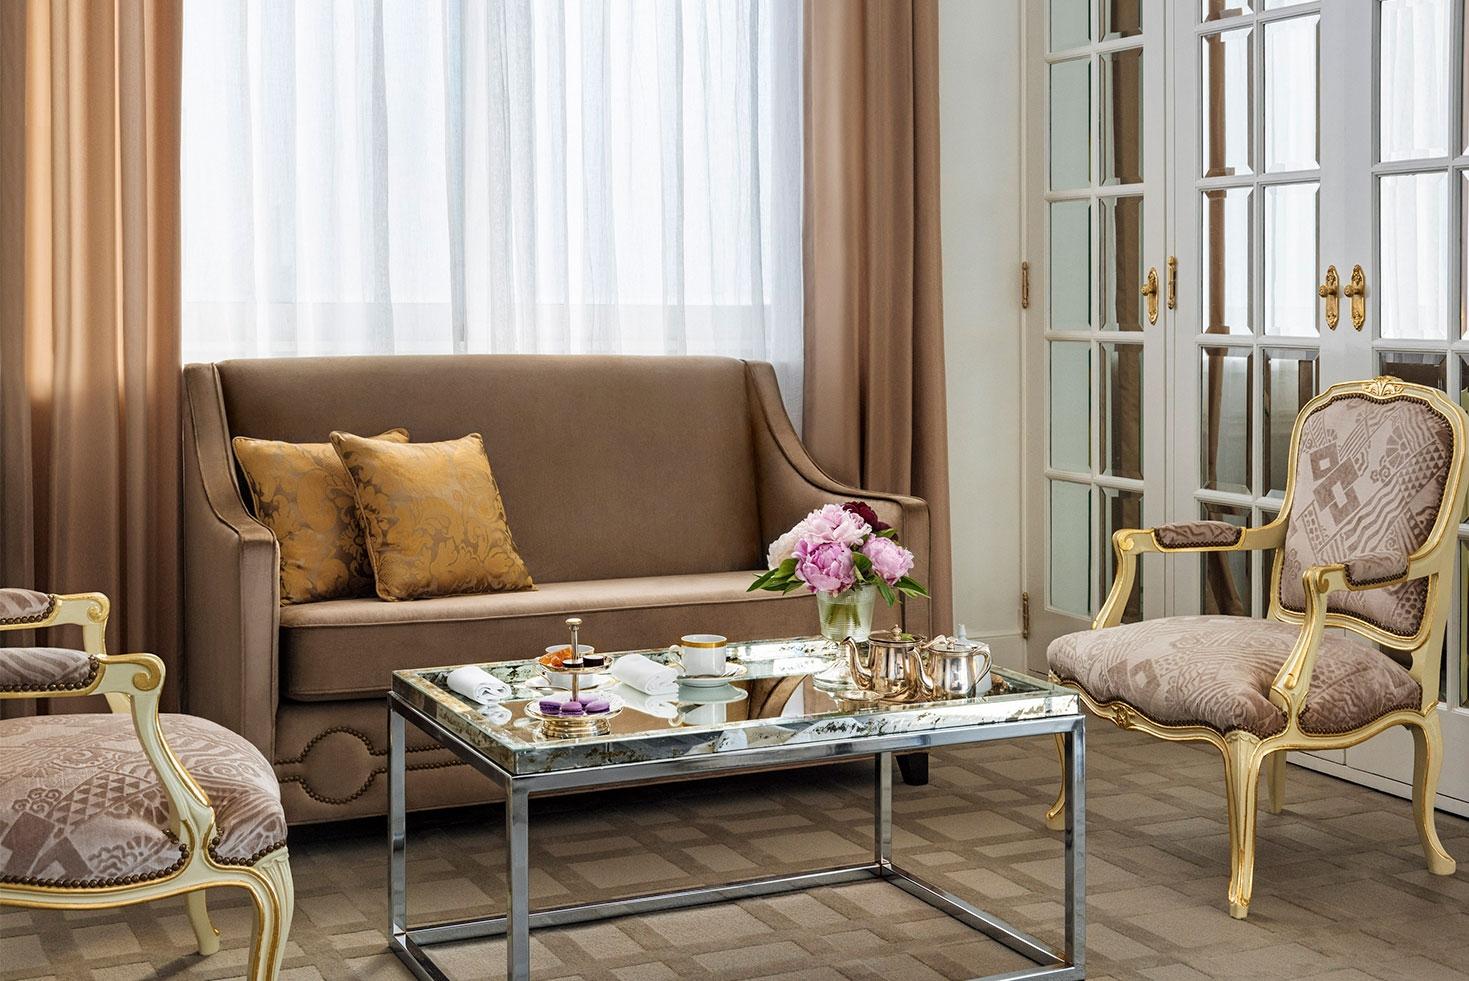 Alvear Palace Hotel Habitaciones Y Suites Suite Junior Lounge # Muebles Cofre Spa